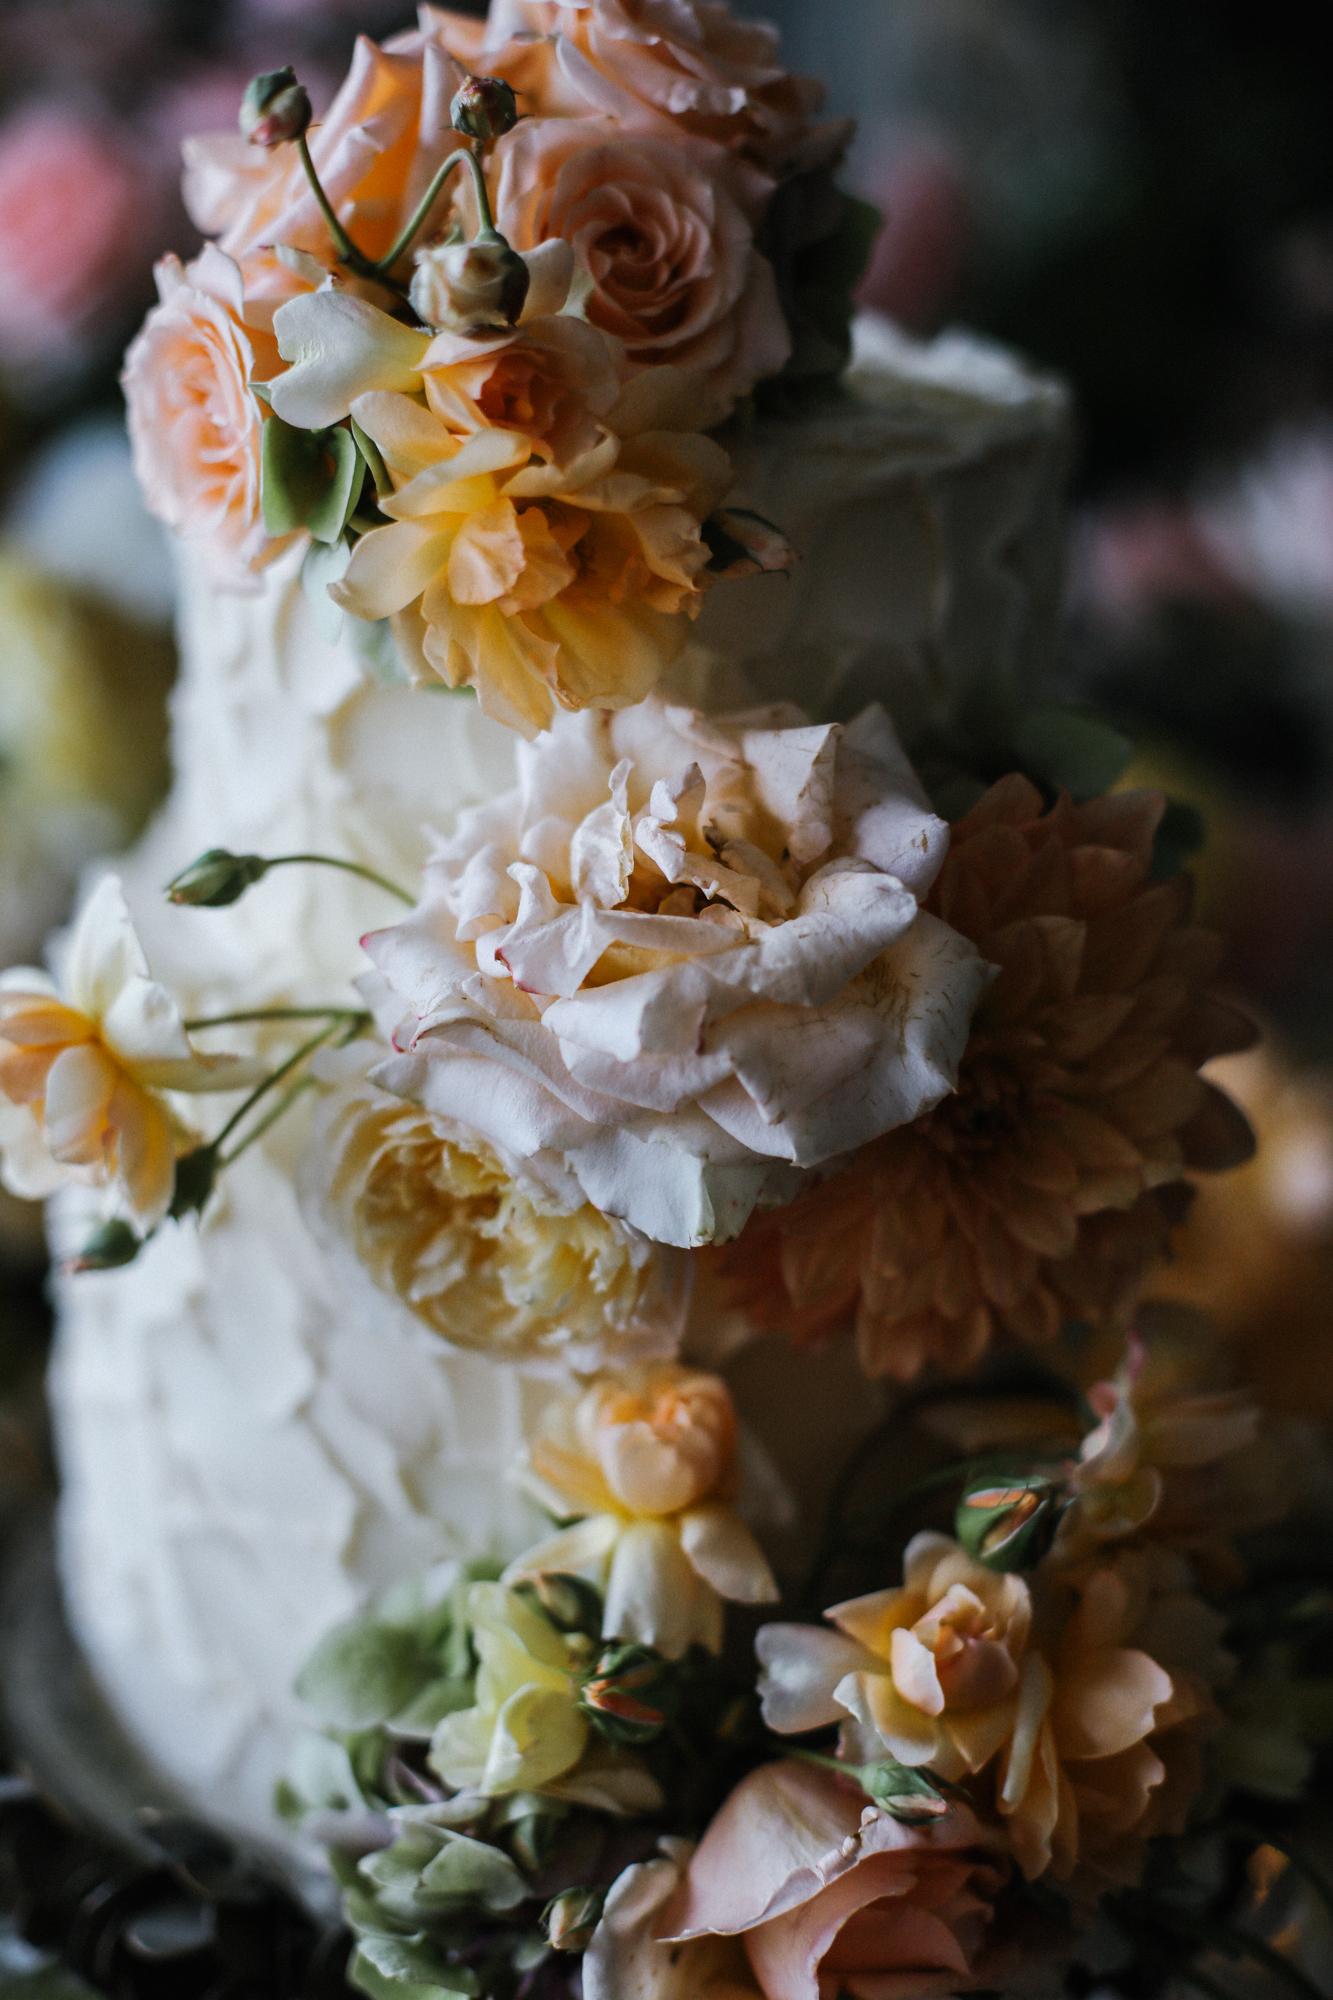 Flowers in a Vase-171.jpg